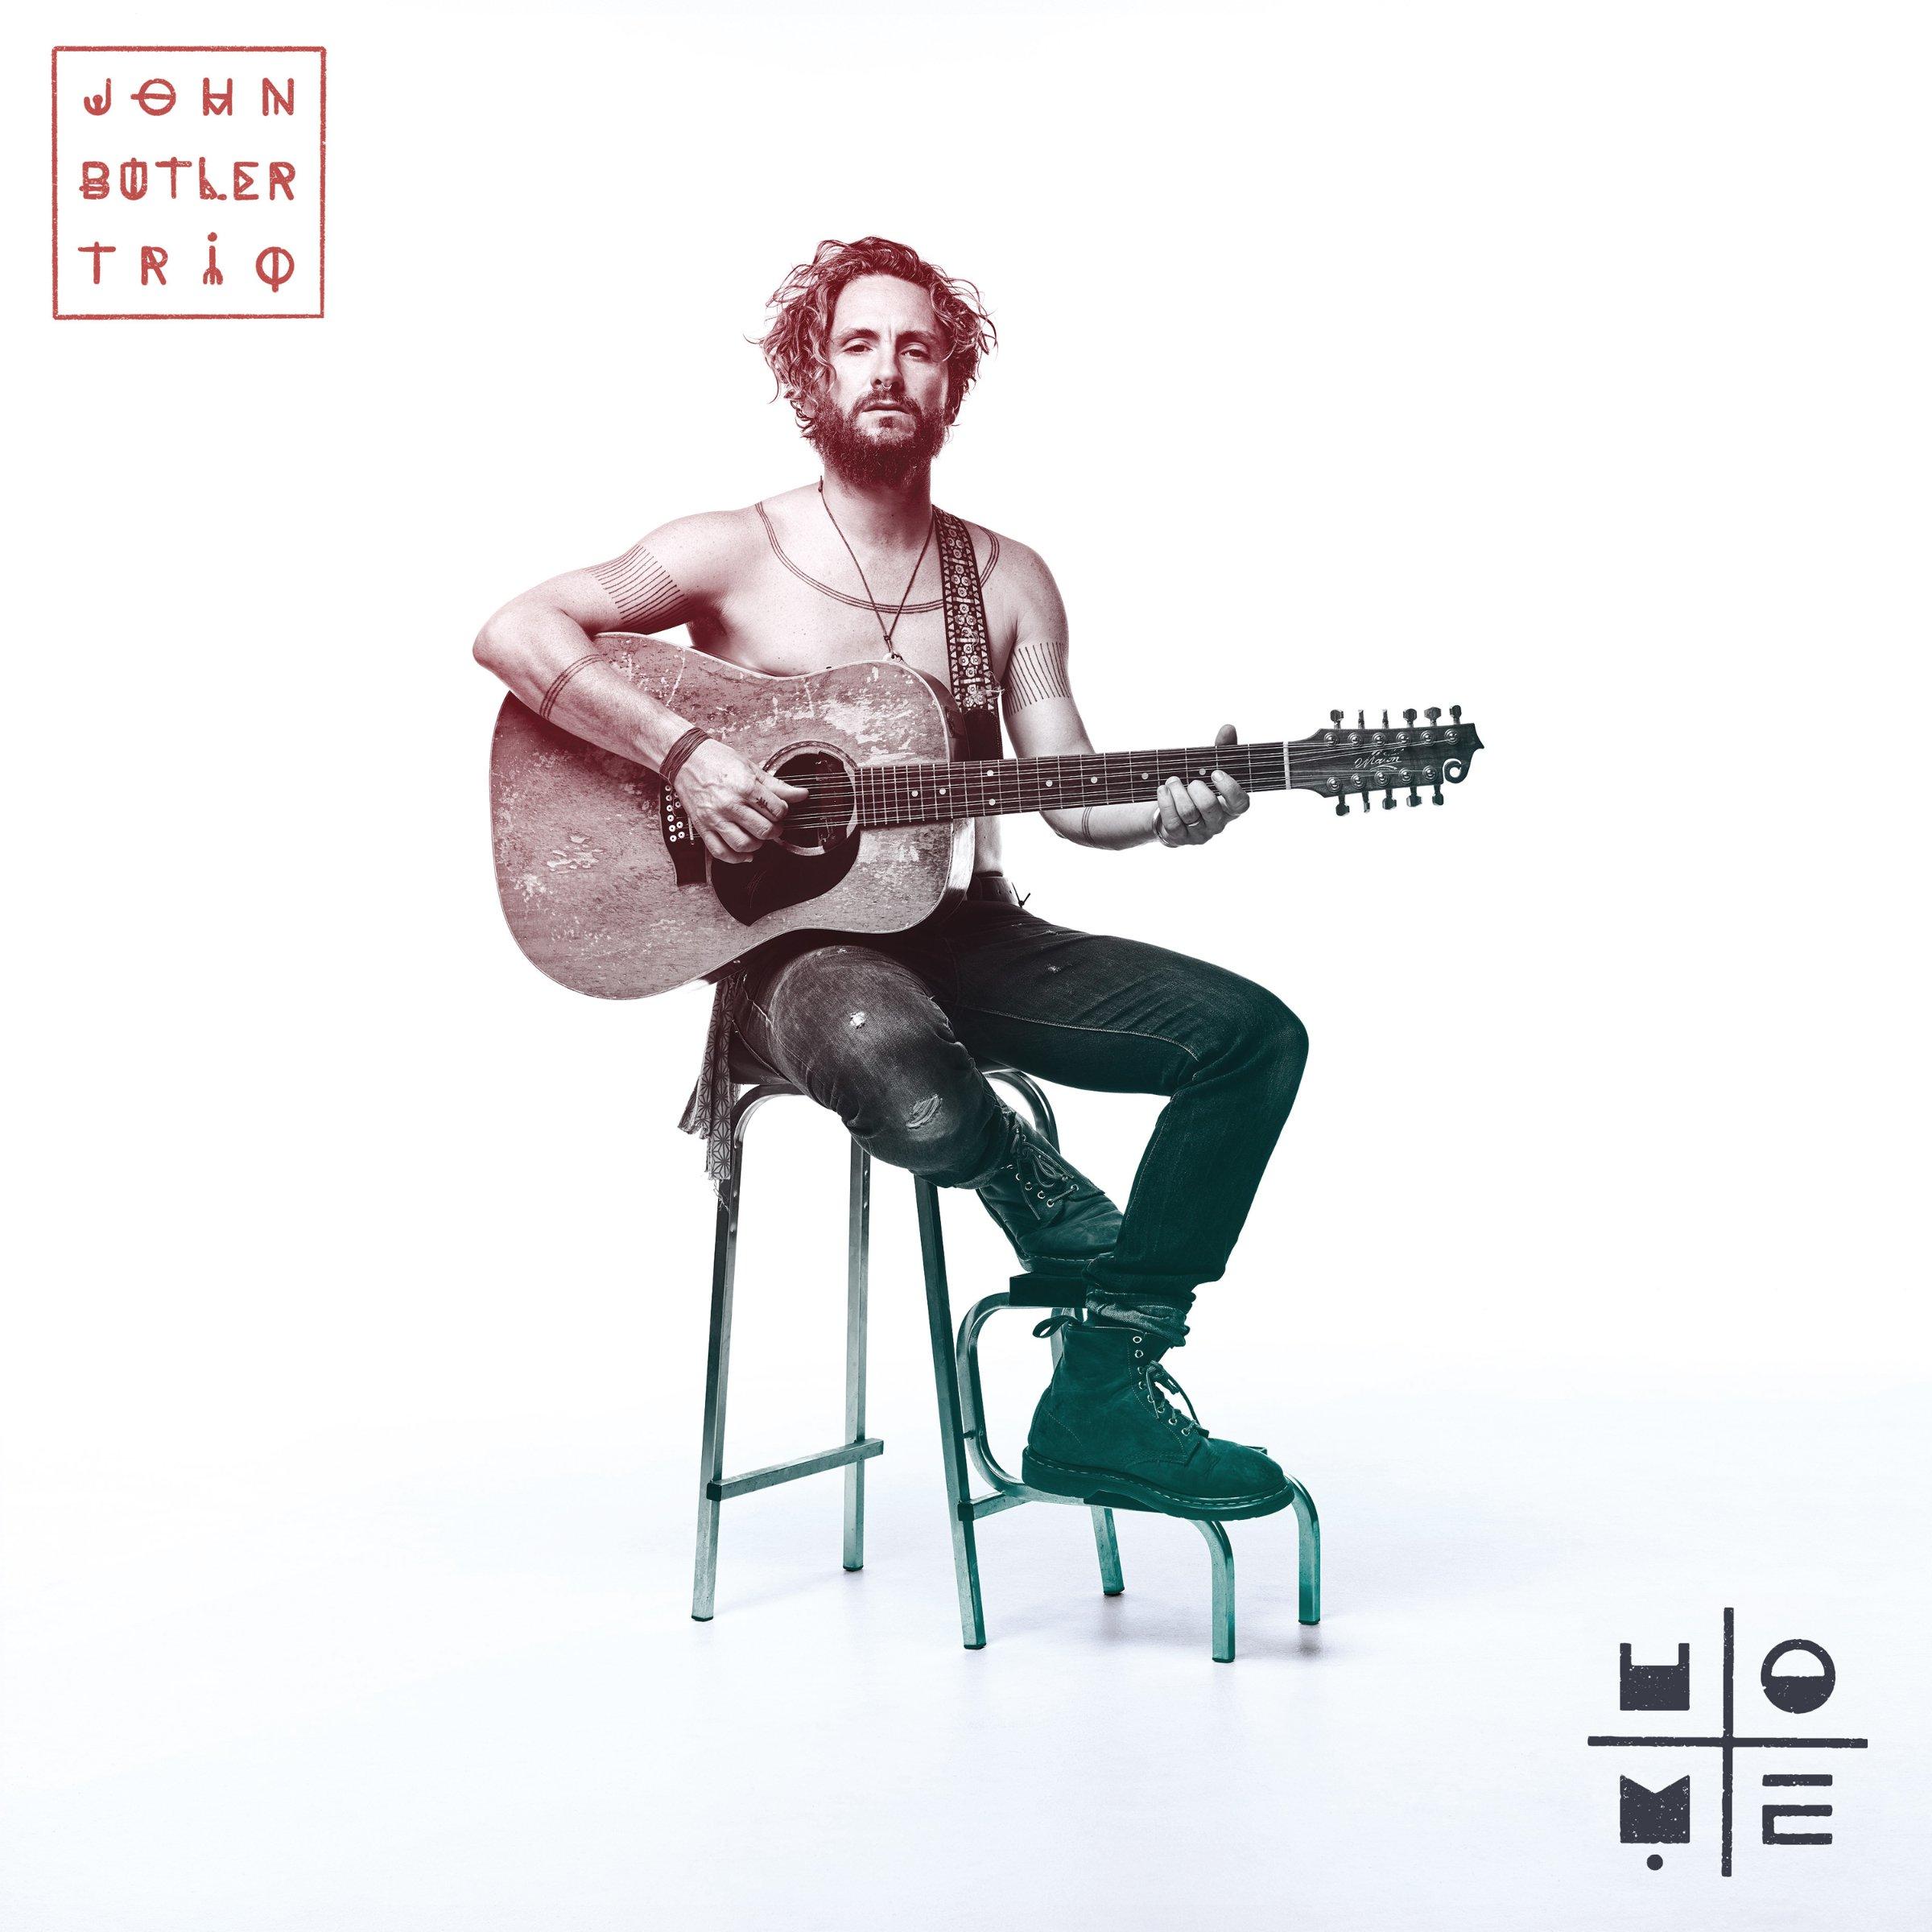 Vinilo : John Butler - Home (LP Vinyl)